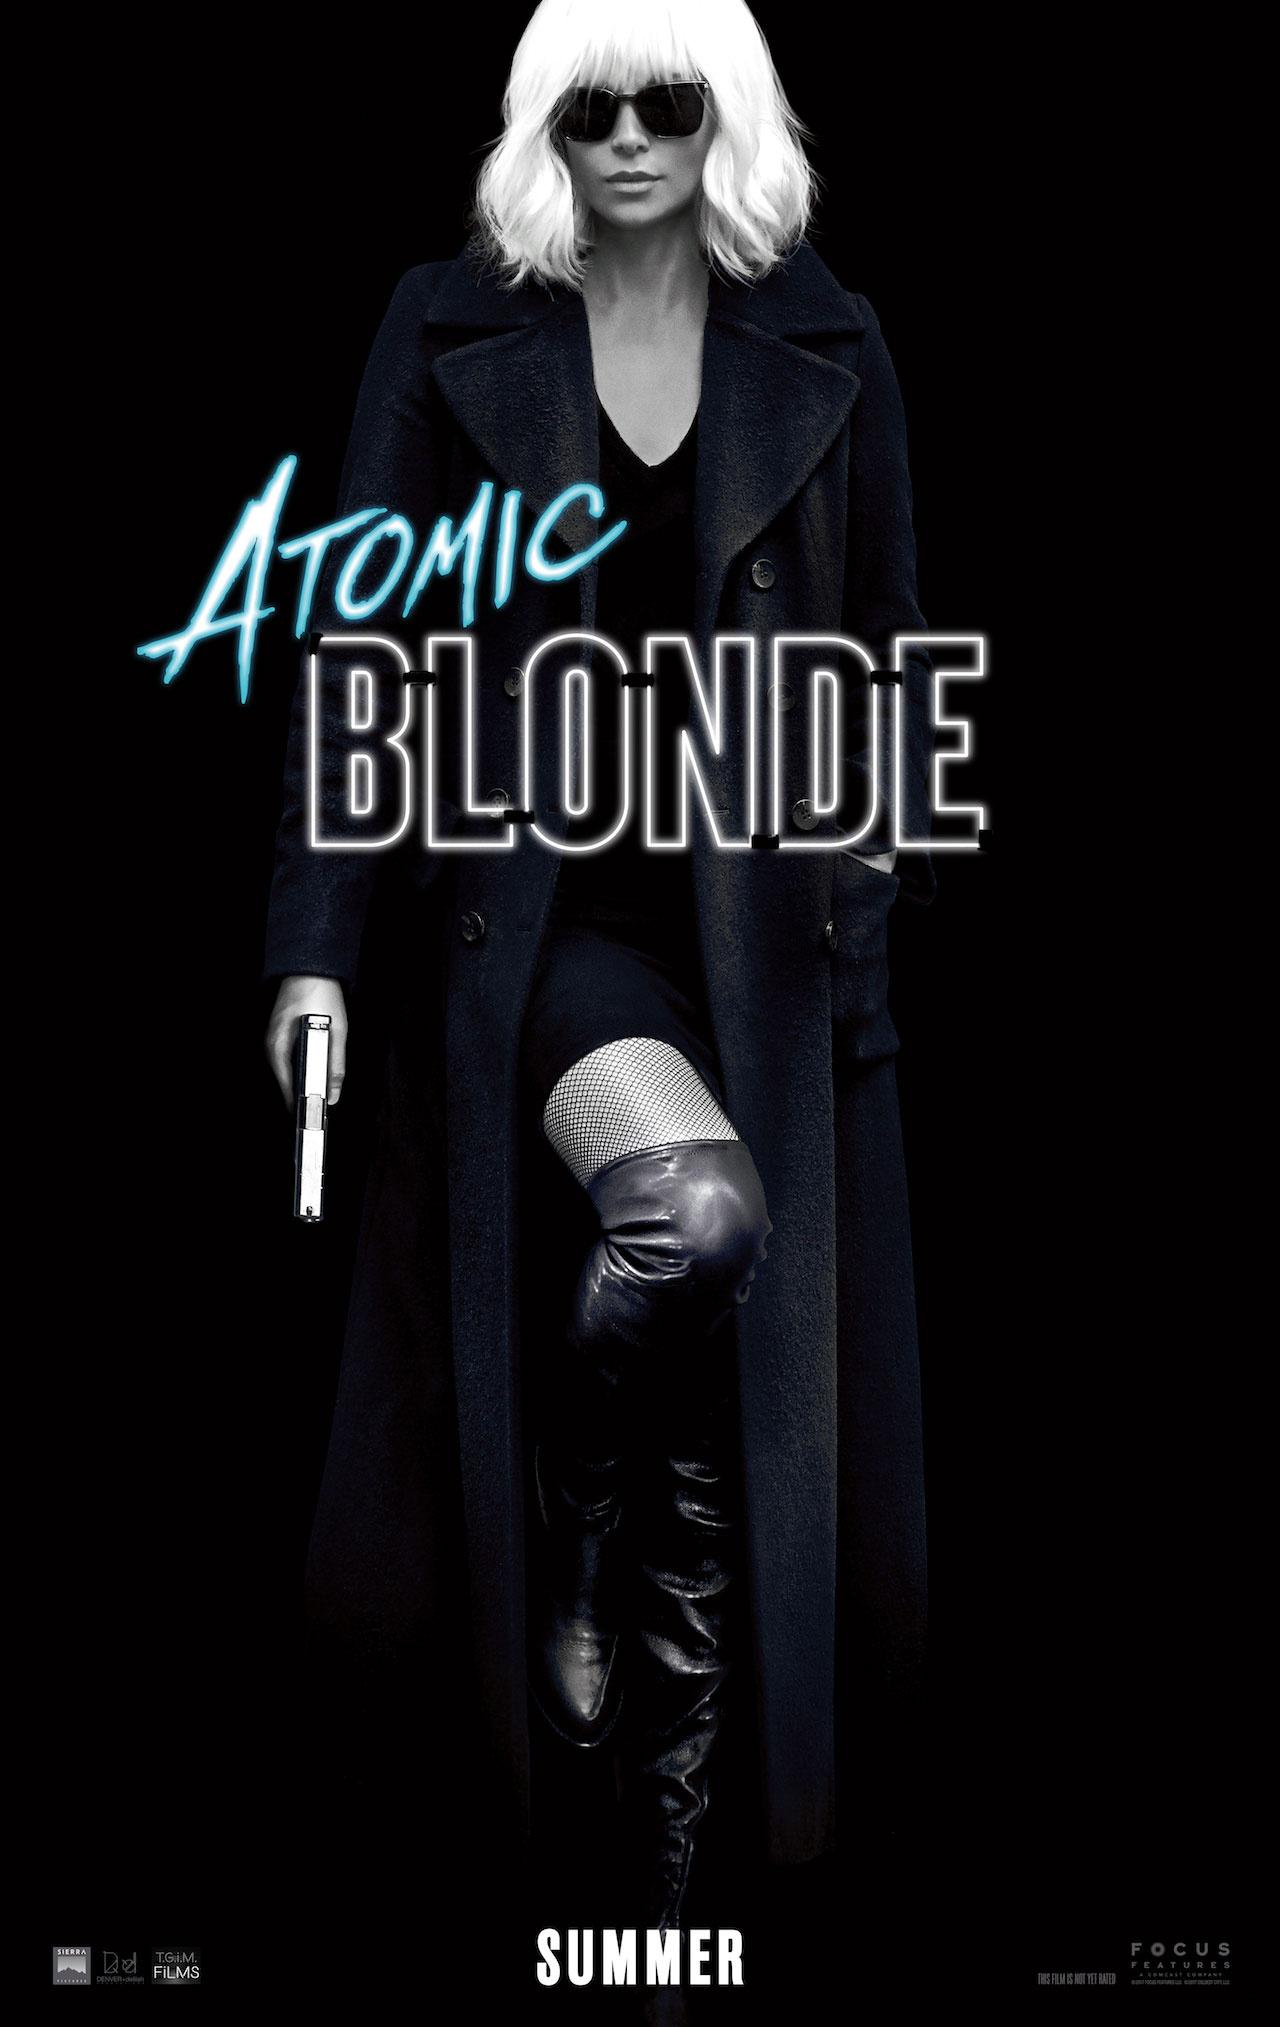 查理兹·塞隆 白发造型亮相《极寒之城》海报